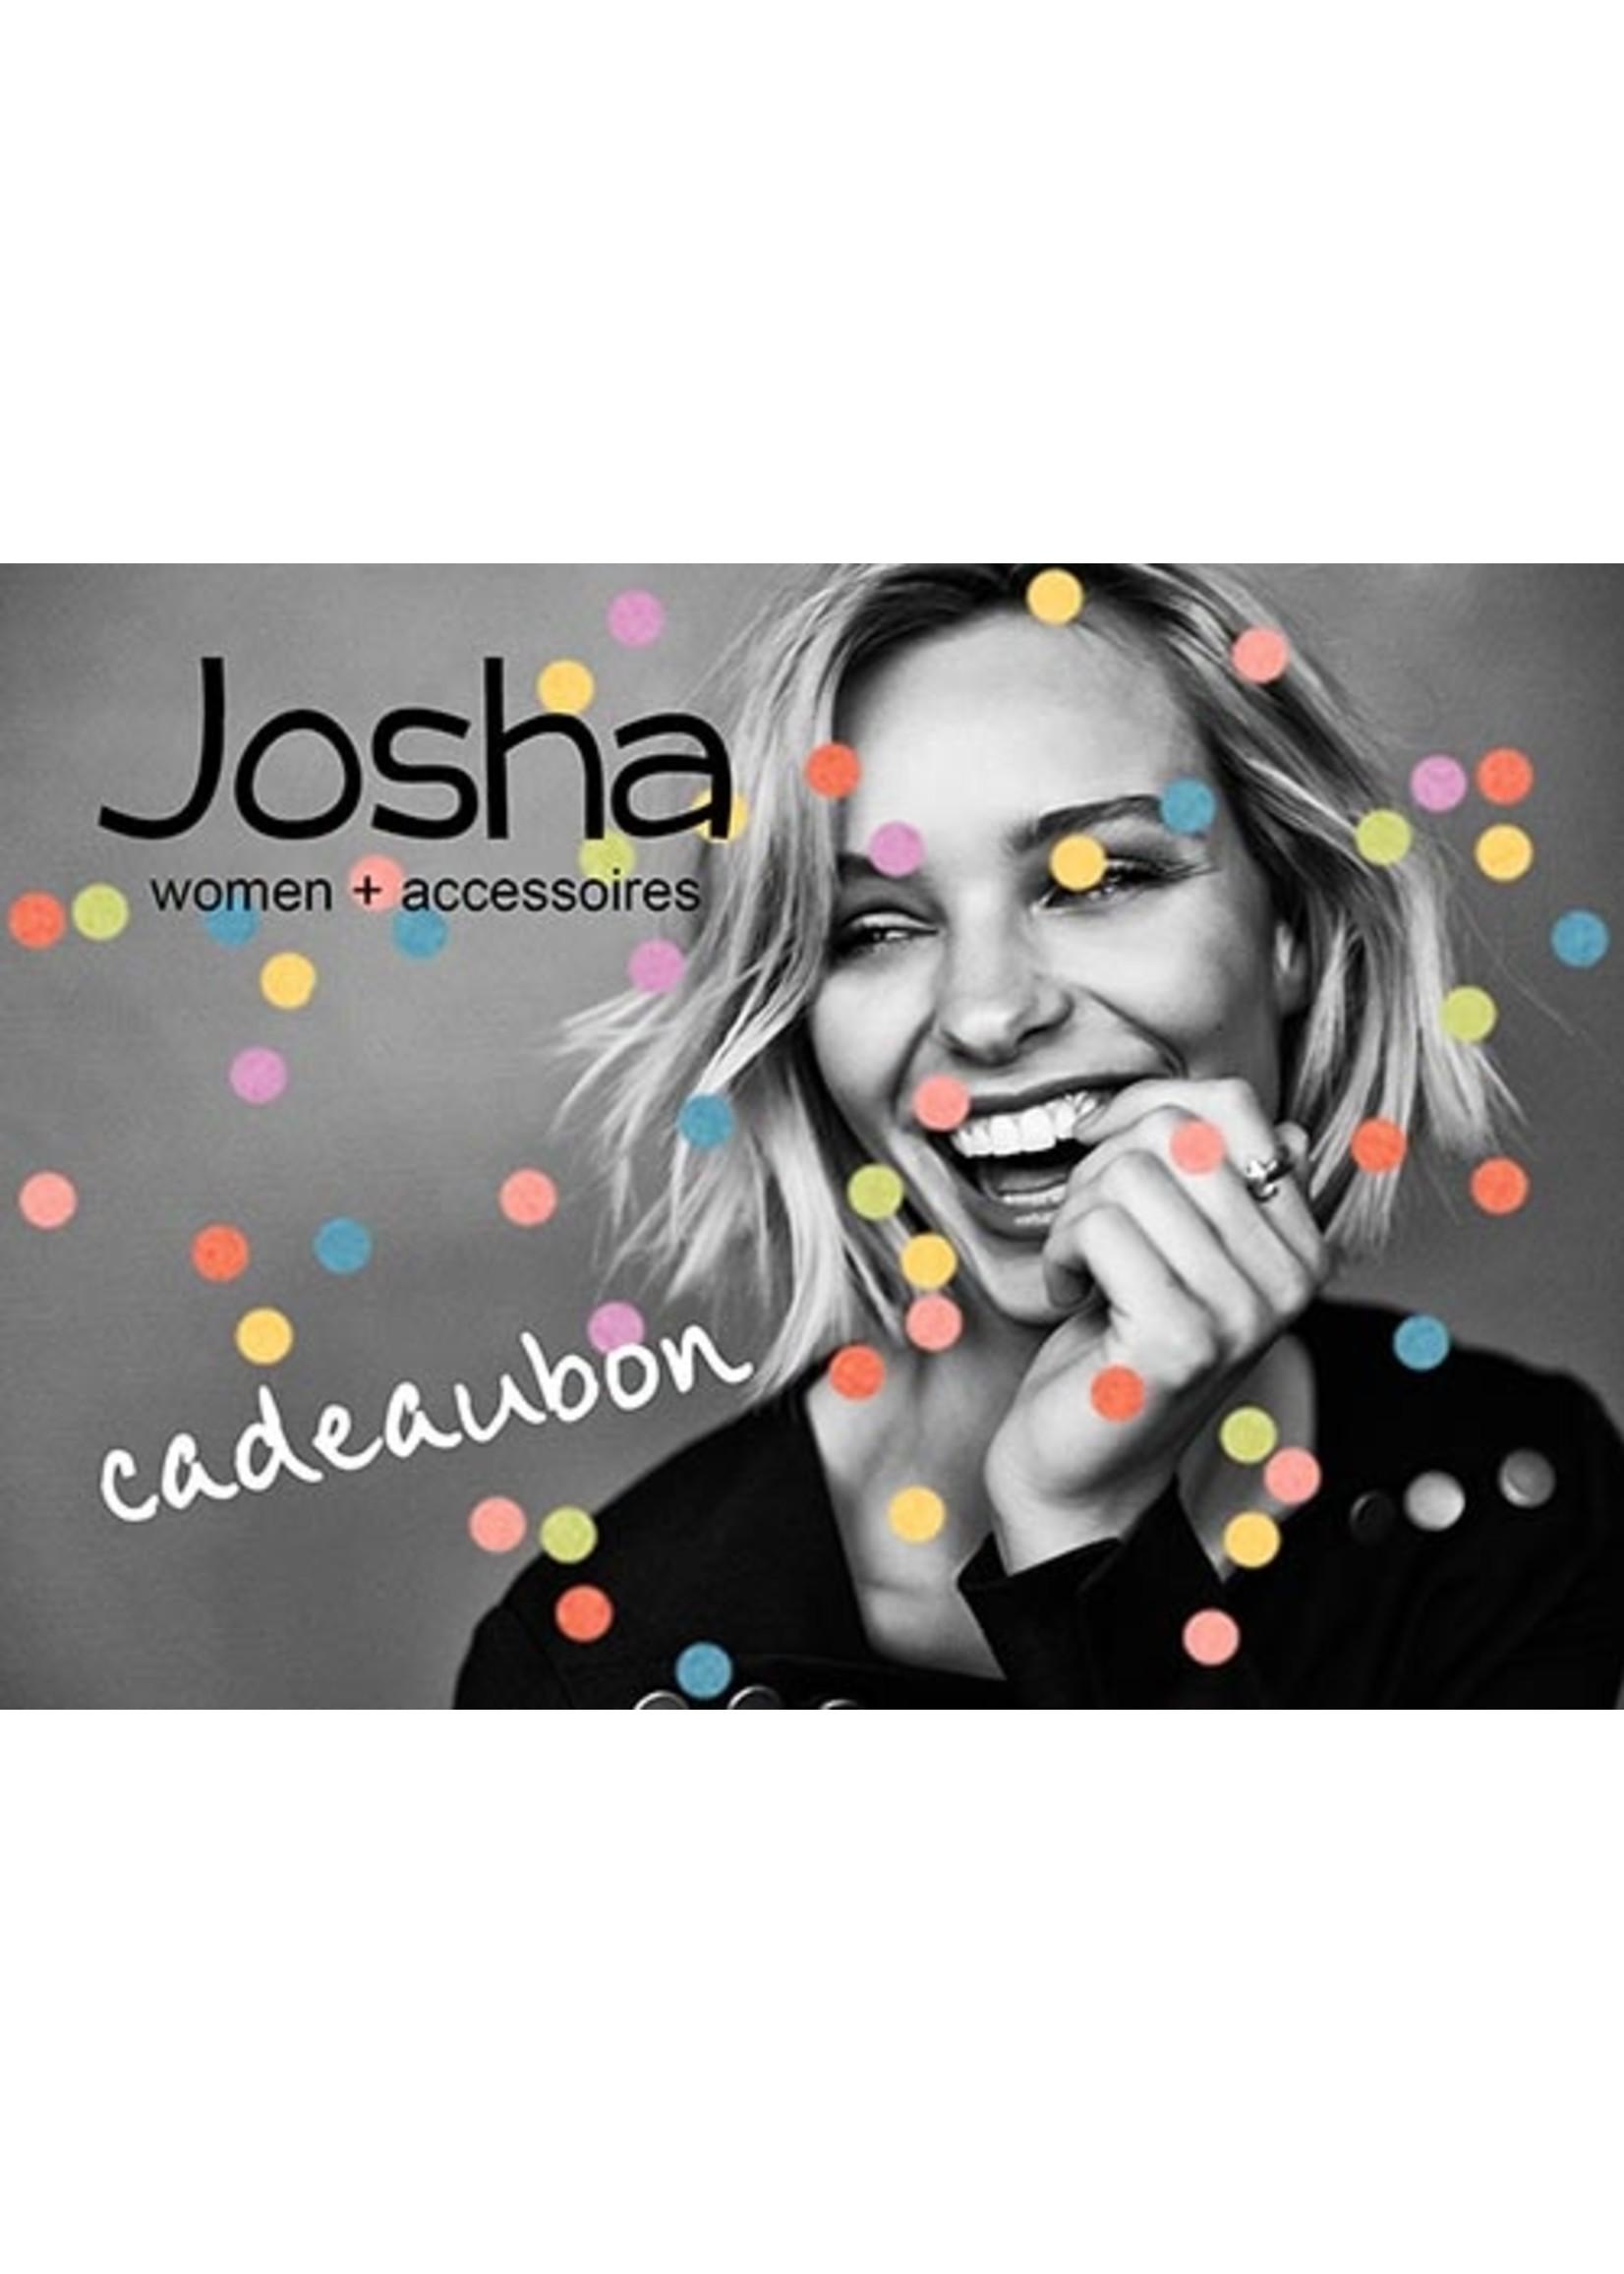 Cadeaubon Josha € 15,00